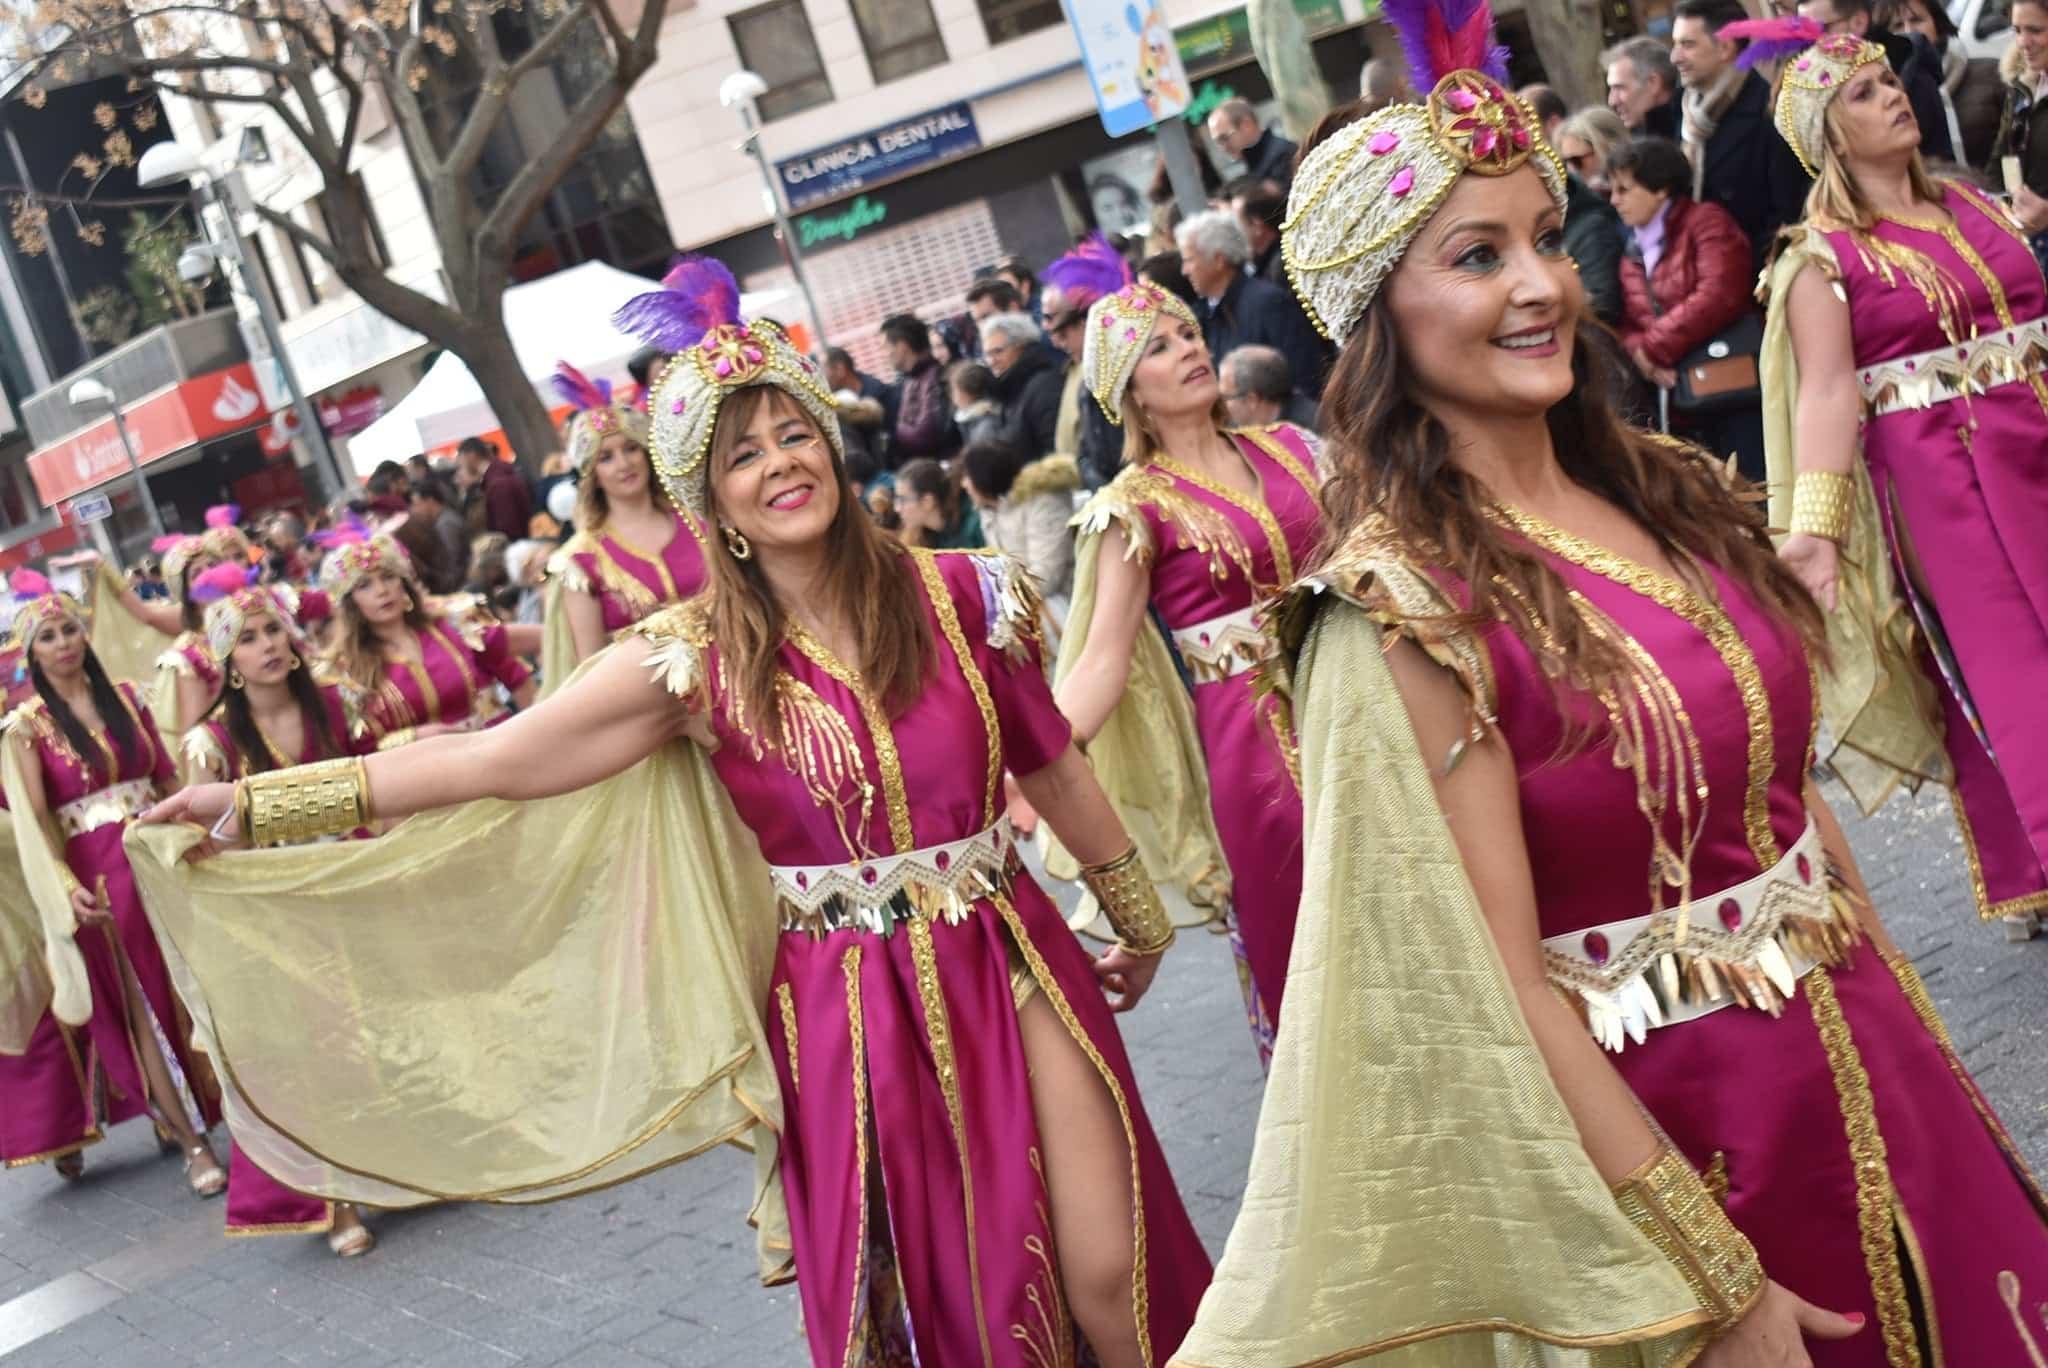 Carnaval de ciudad real 2020 axonsou arlequin oro herencia 18 - Axonsou se lleva el Arlequín de Oro en Ciudad Real